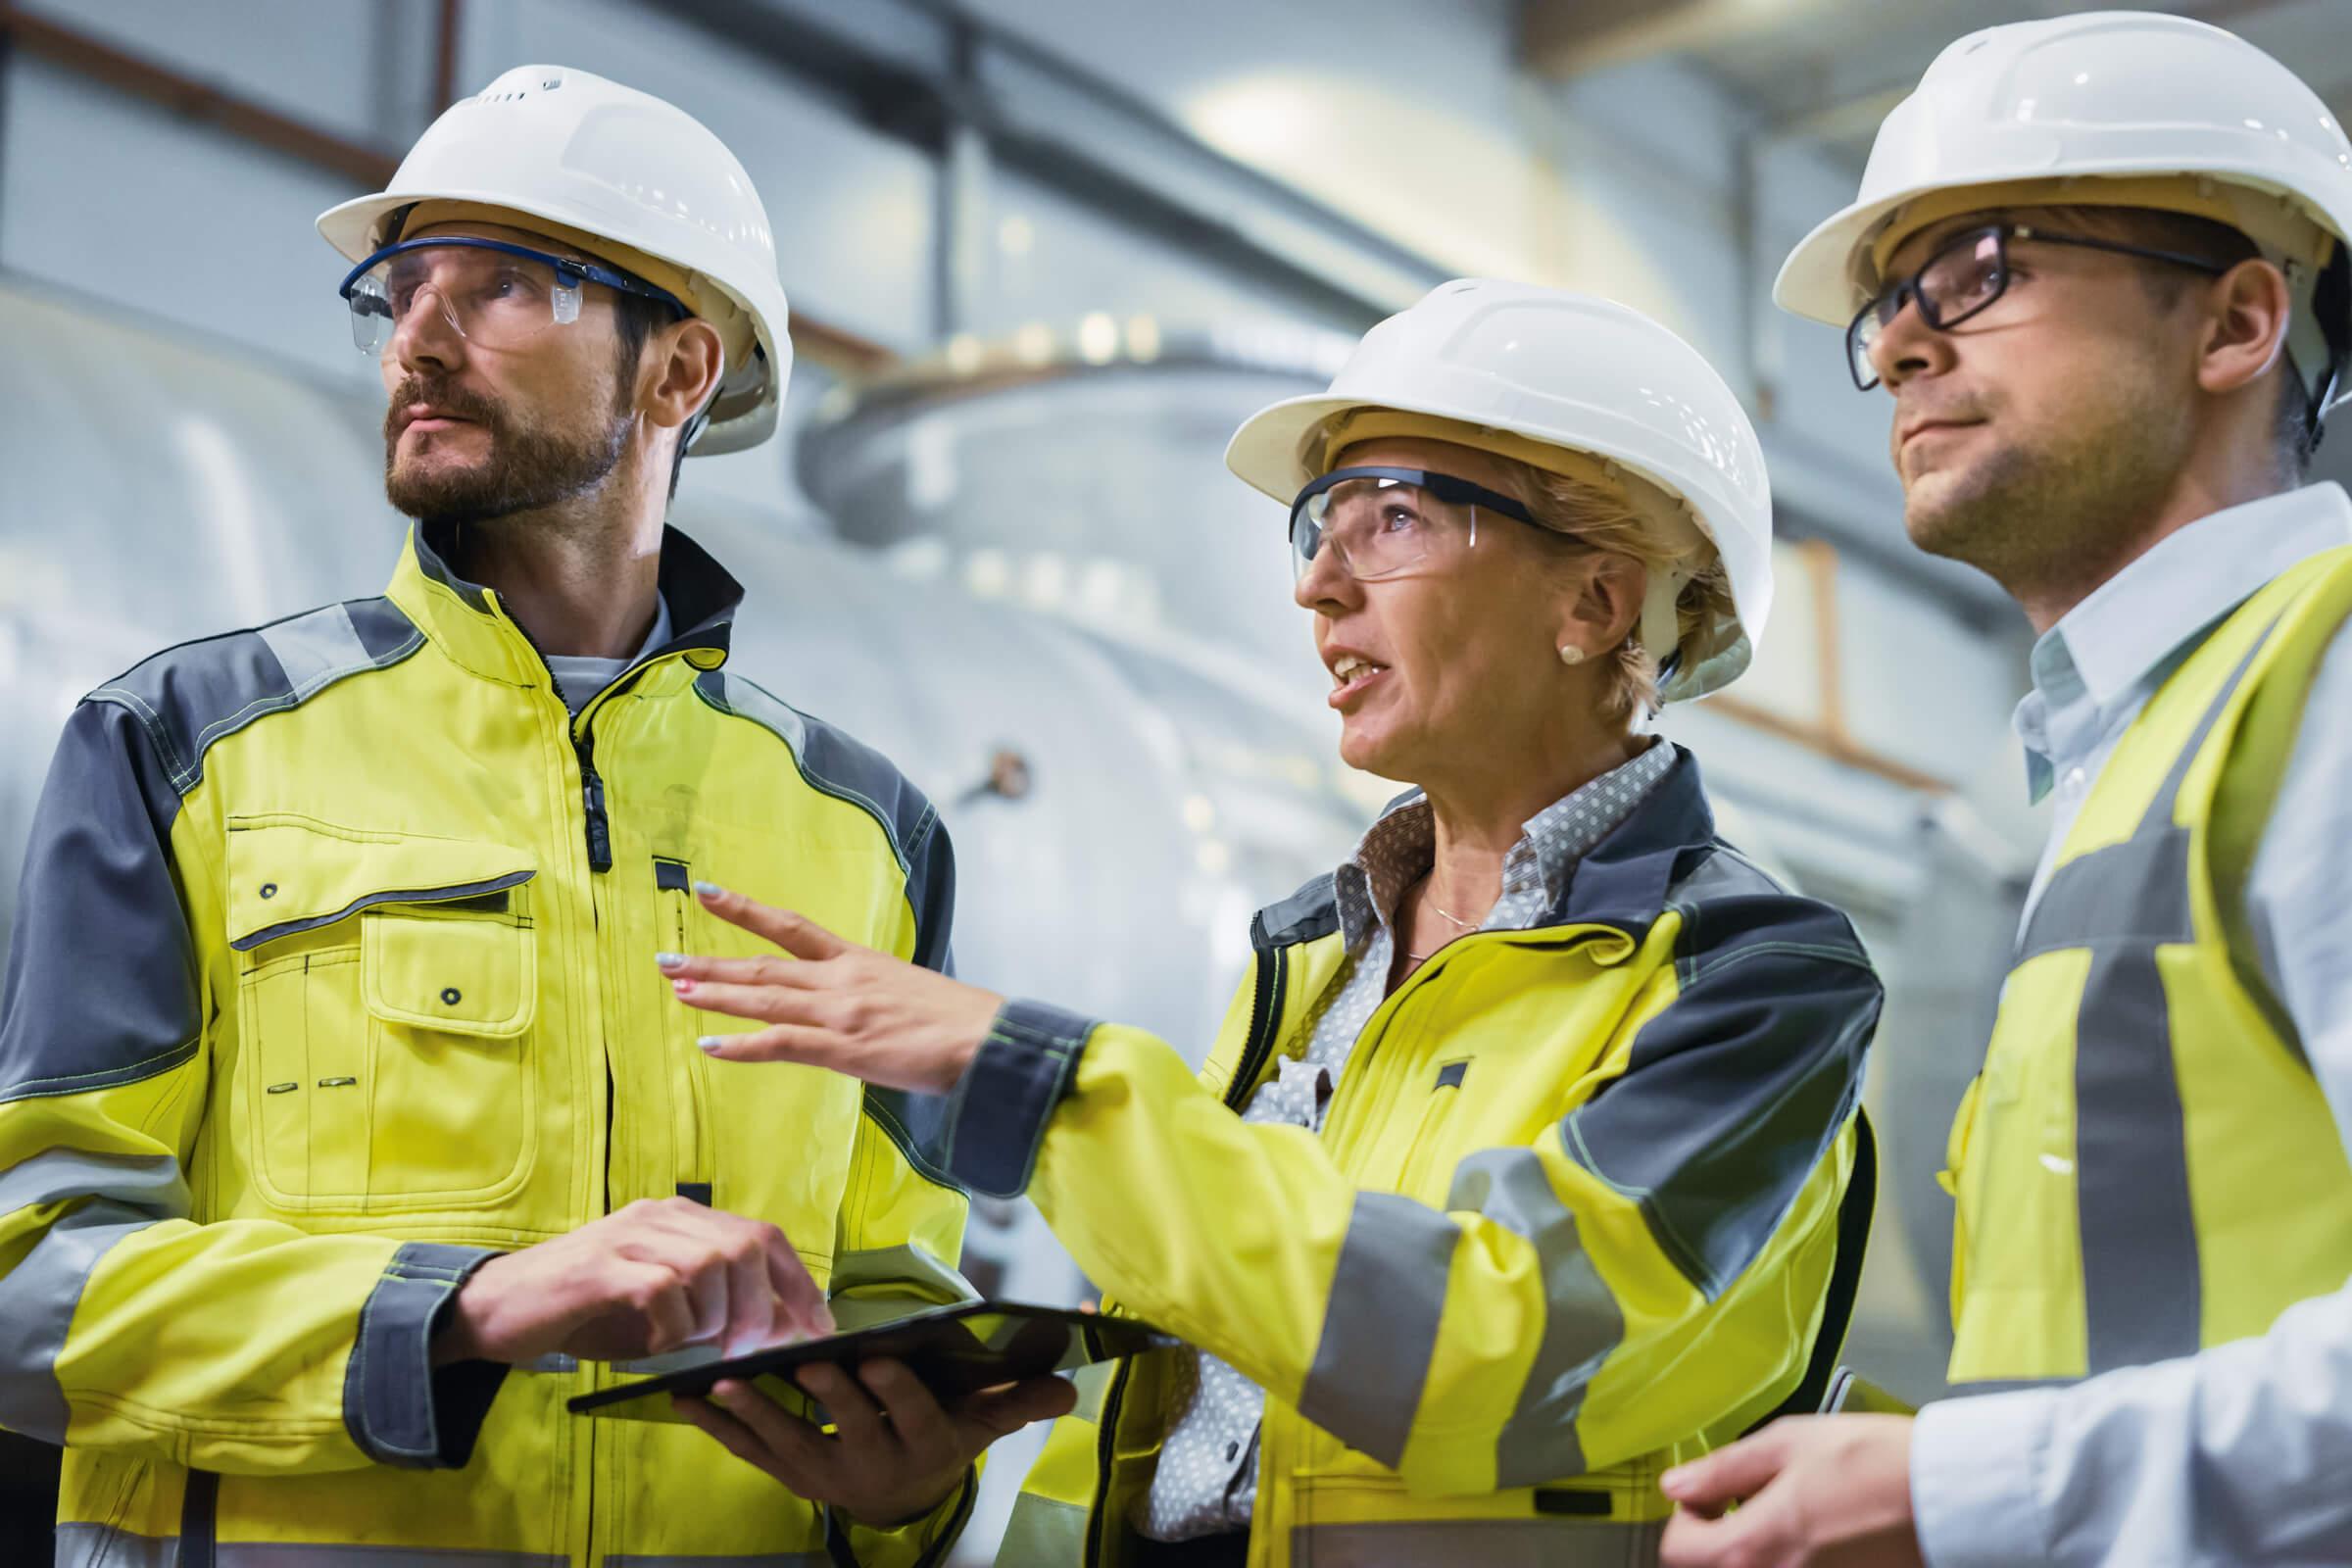 Mitarbeiter beraten über Brandschutz in einem Betrieb